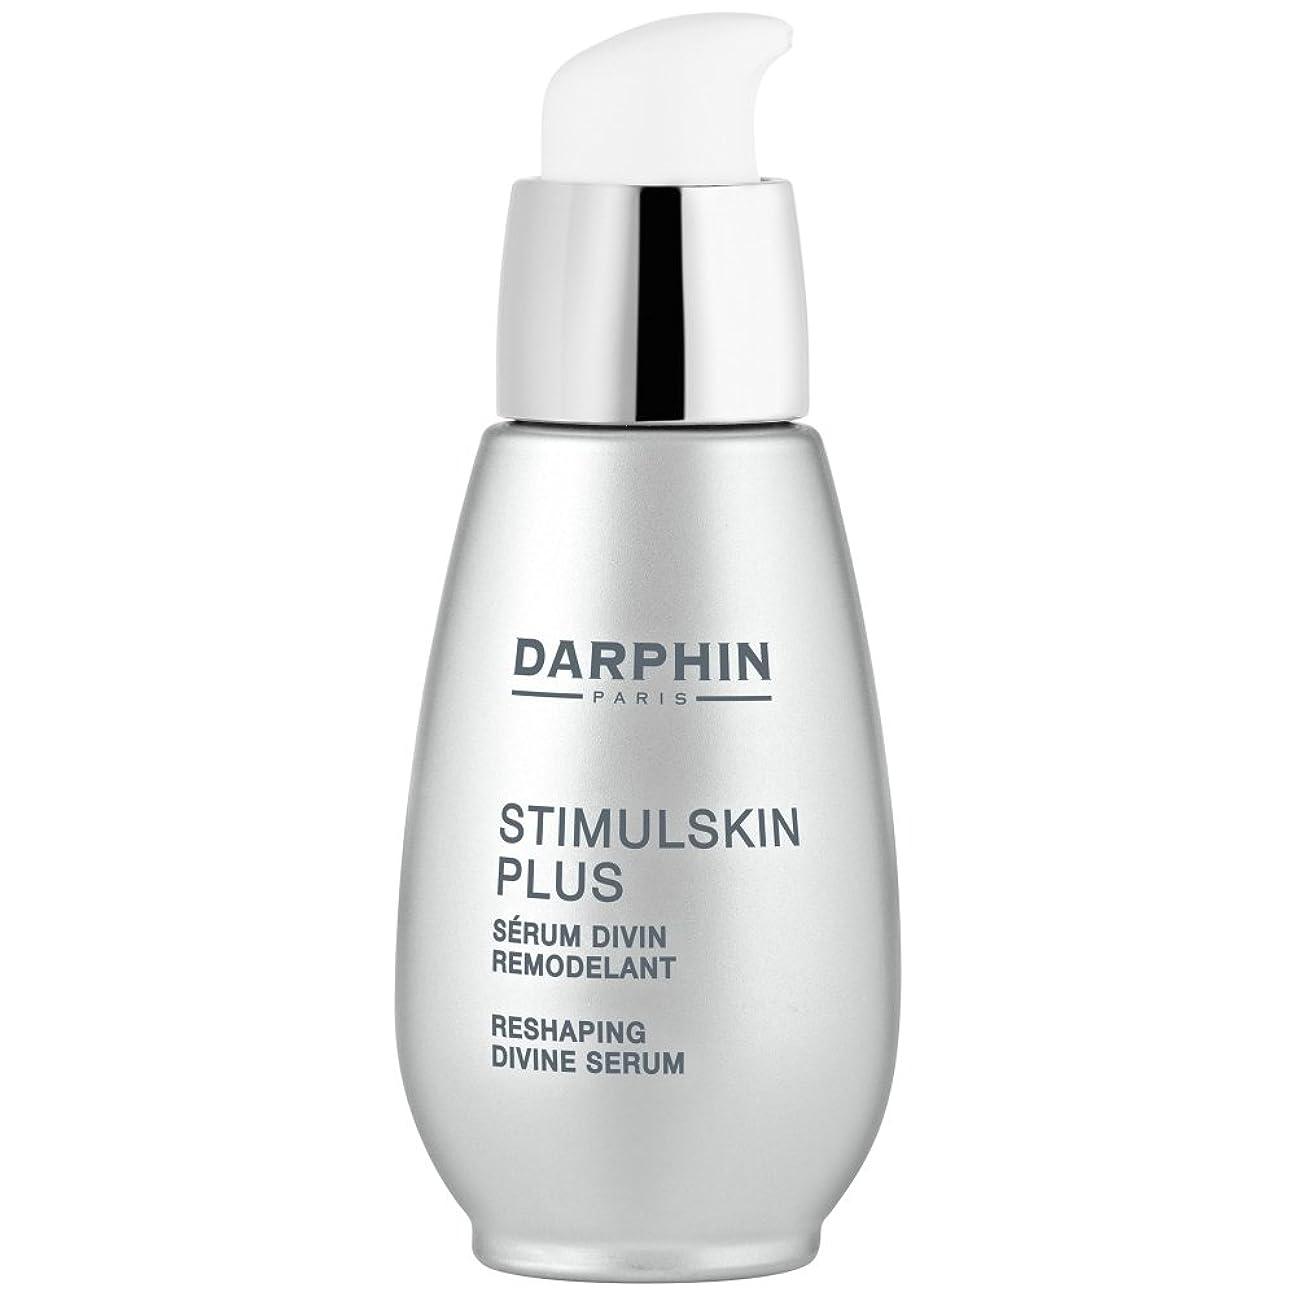 聖人換気する精通したダルファンスティプラス神整形血清15ミリリットル (Darphin) - Darphin Stimulskin Plus Divine Reshaping Serum 15ml [並行輸入品]